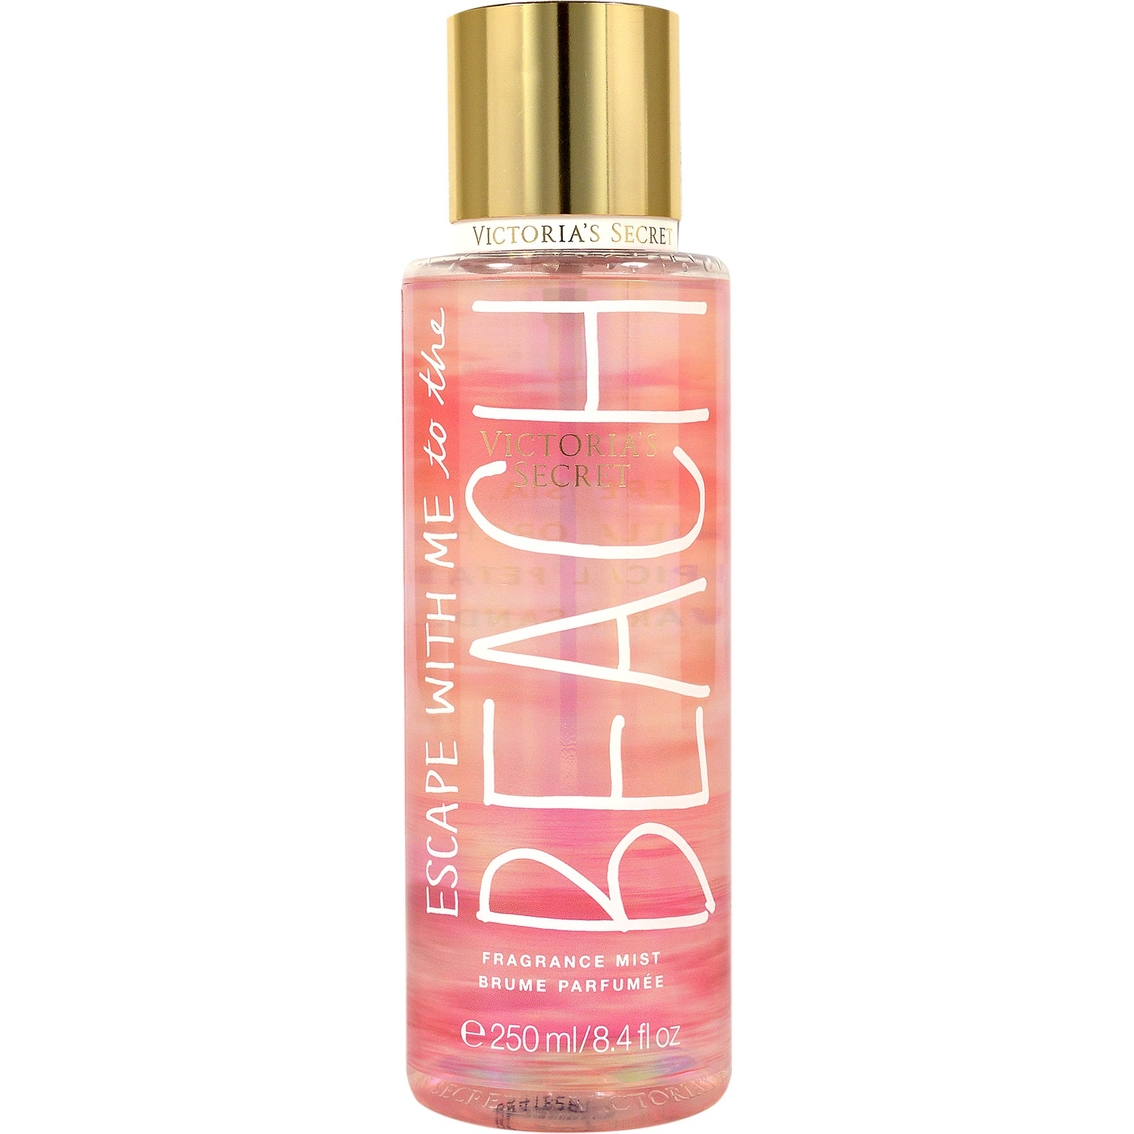 e0b227c202f93 Victoria's Secret Escape With Me To The Beach Fragrance Mist ...